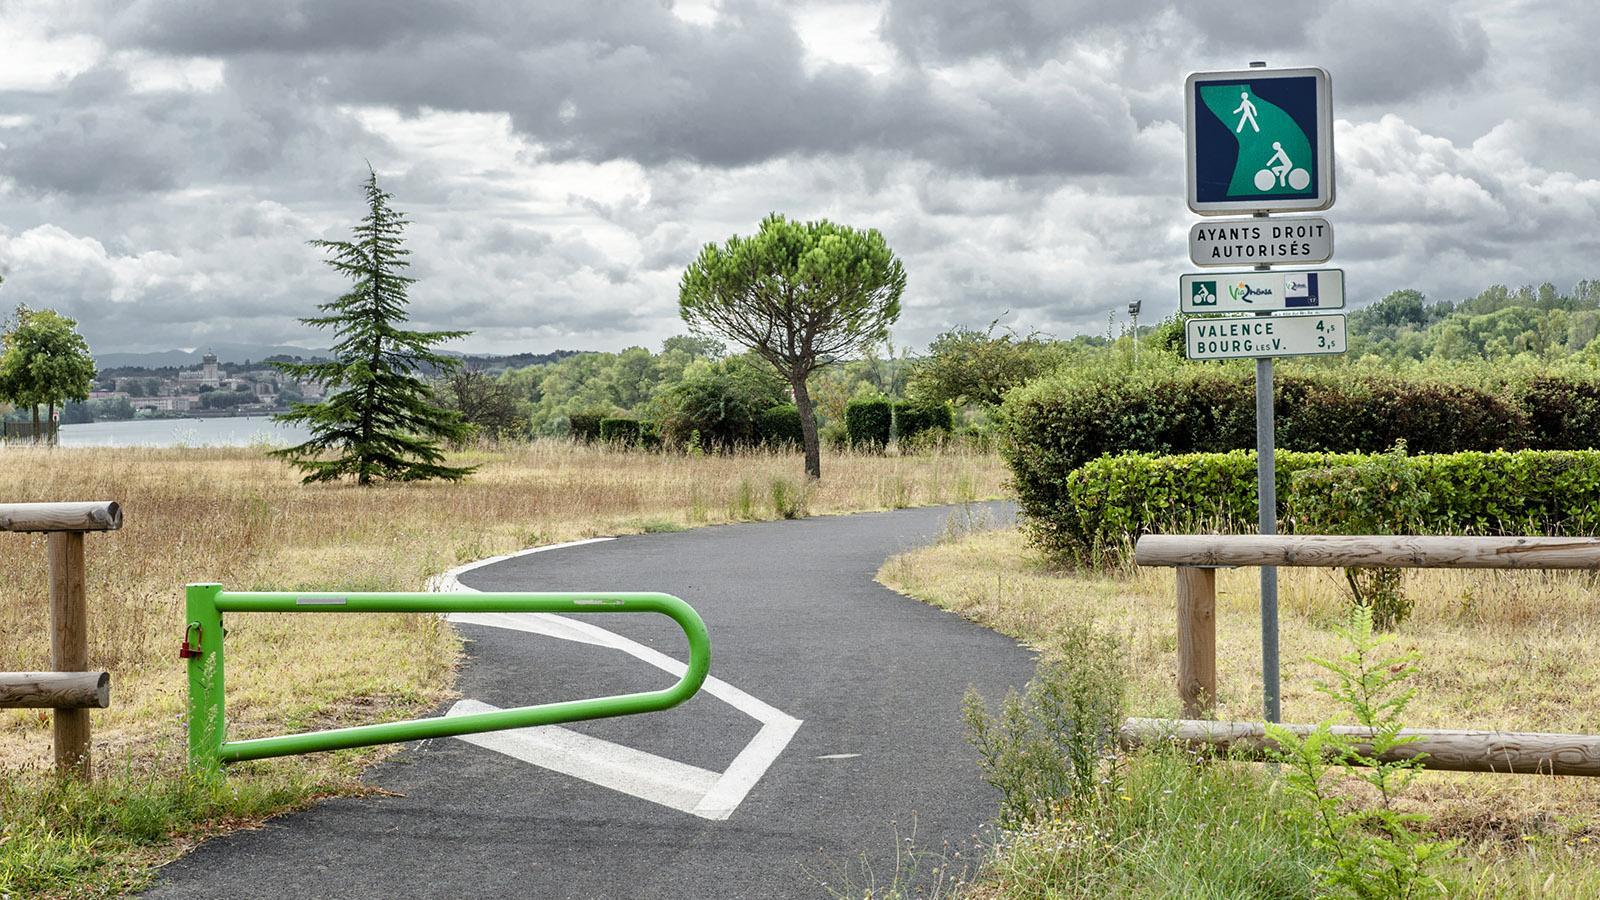 Radwandern: So sehen voies vertes aus, Frankreichs Radwege abseits vom Verkehr.